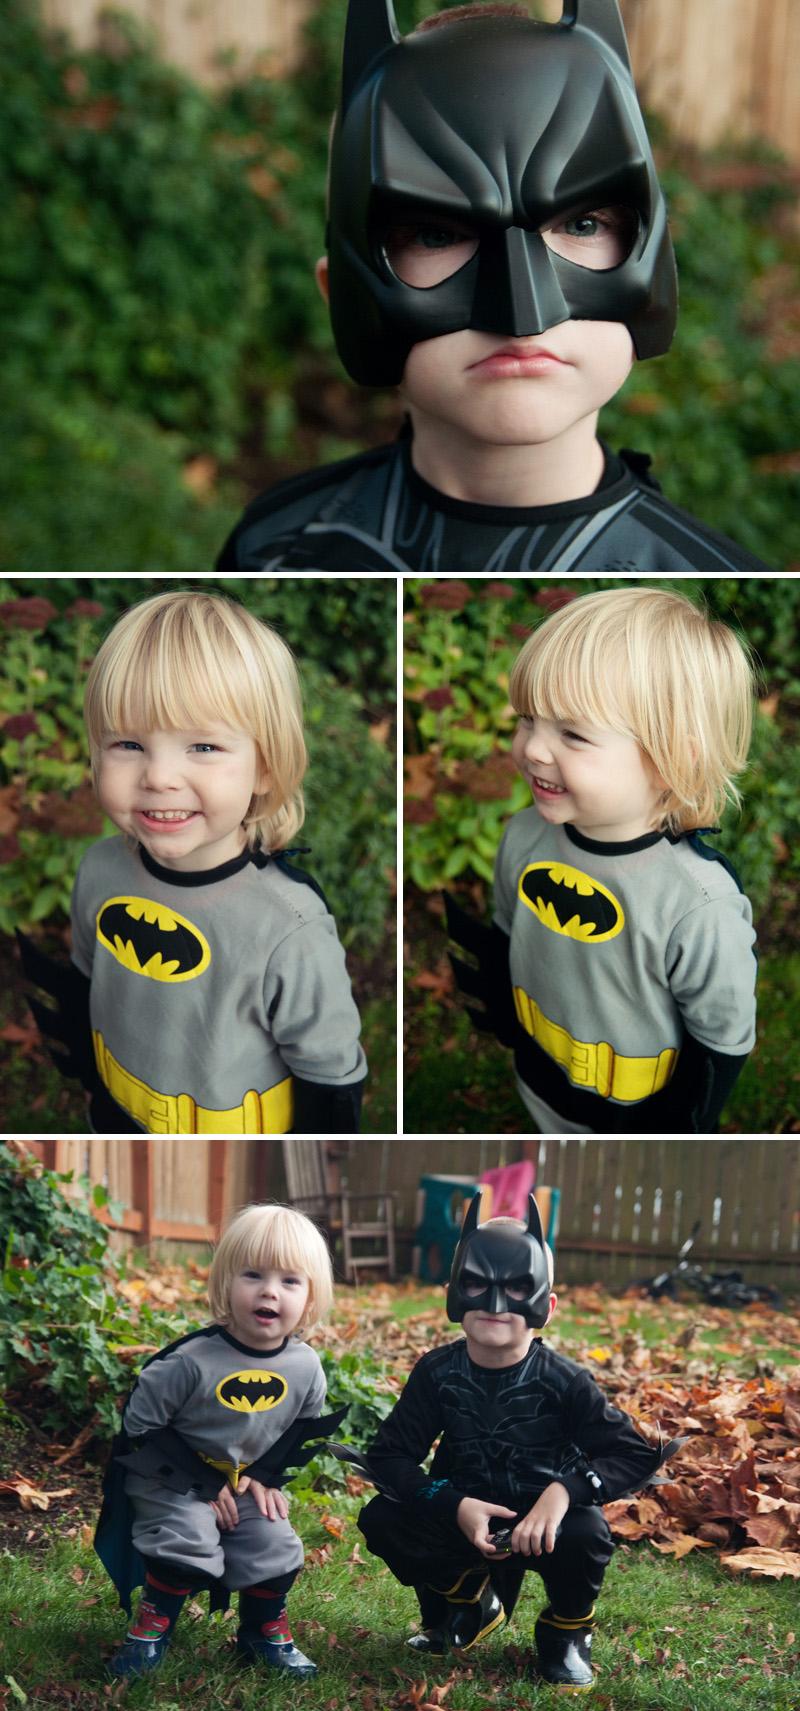 Bat boys